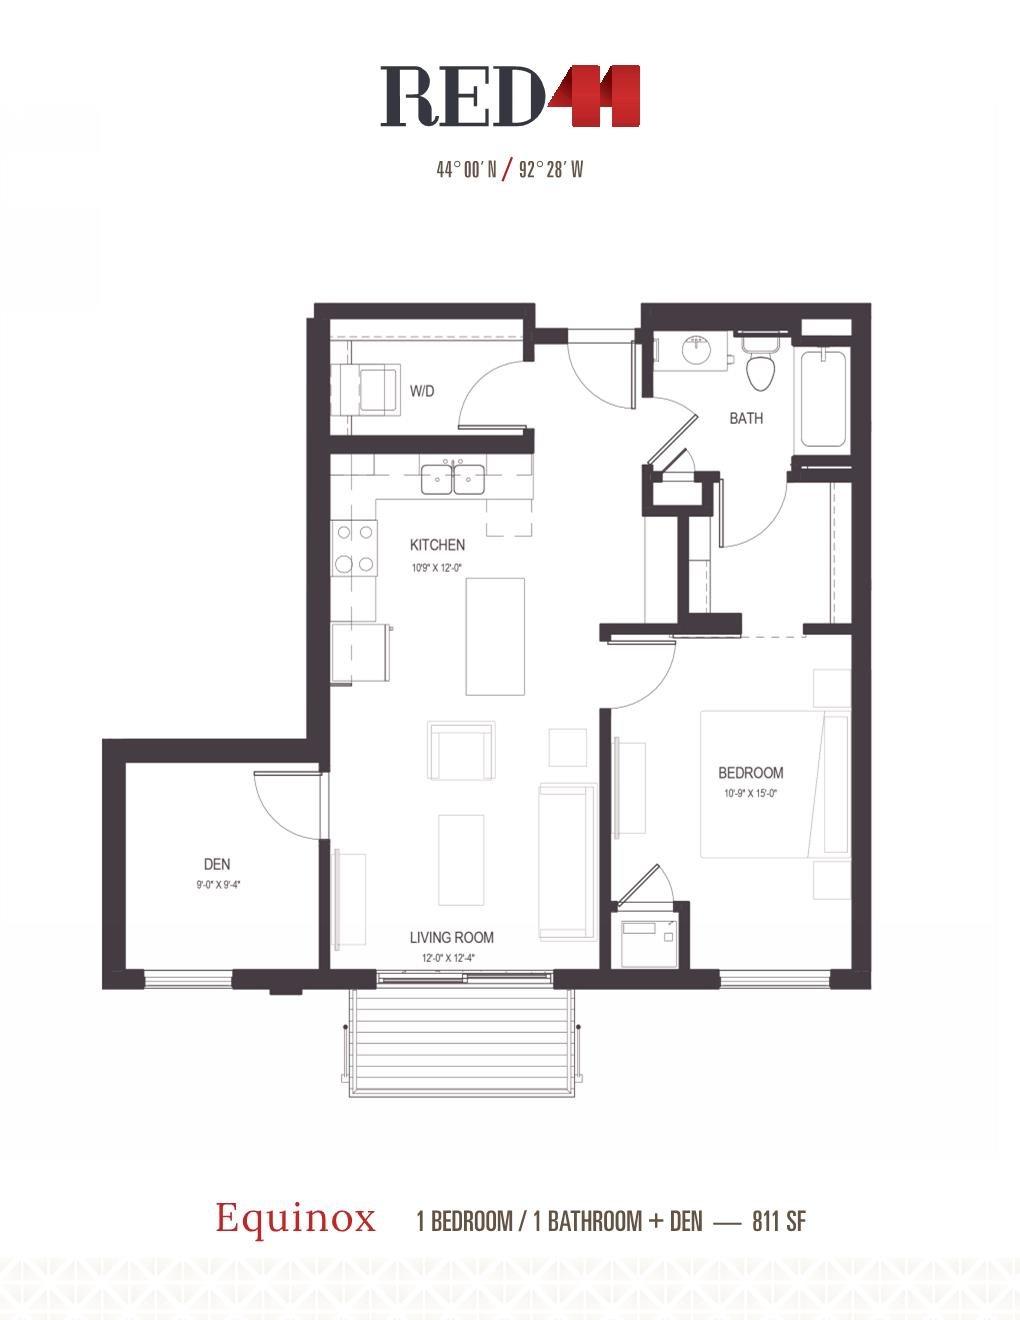 Equinox Floor Plan 9